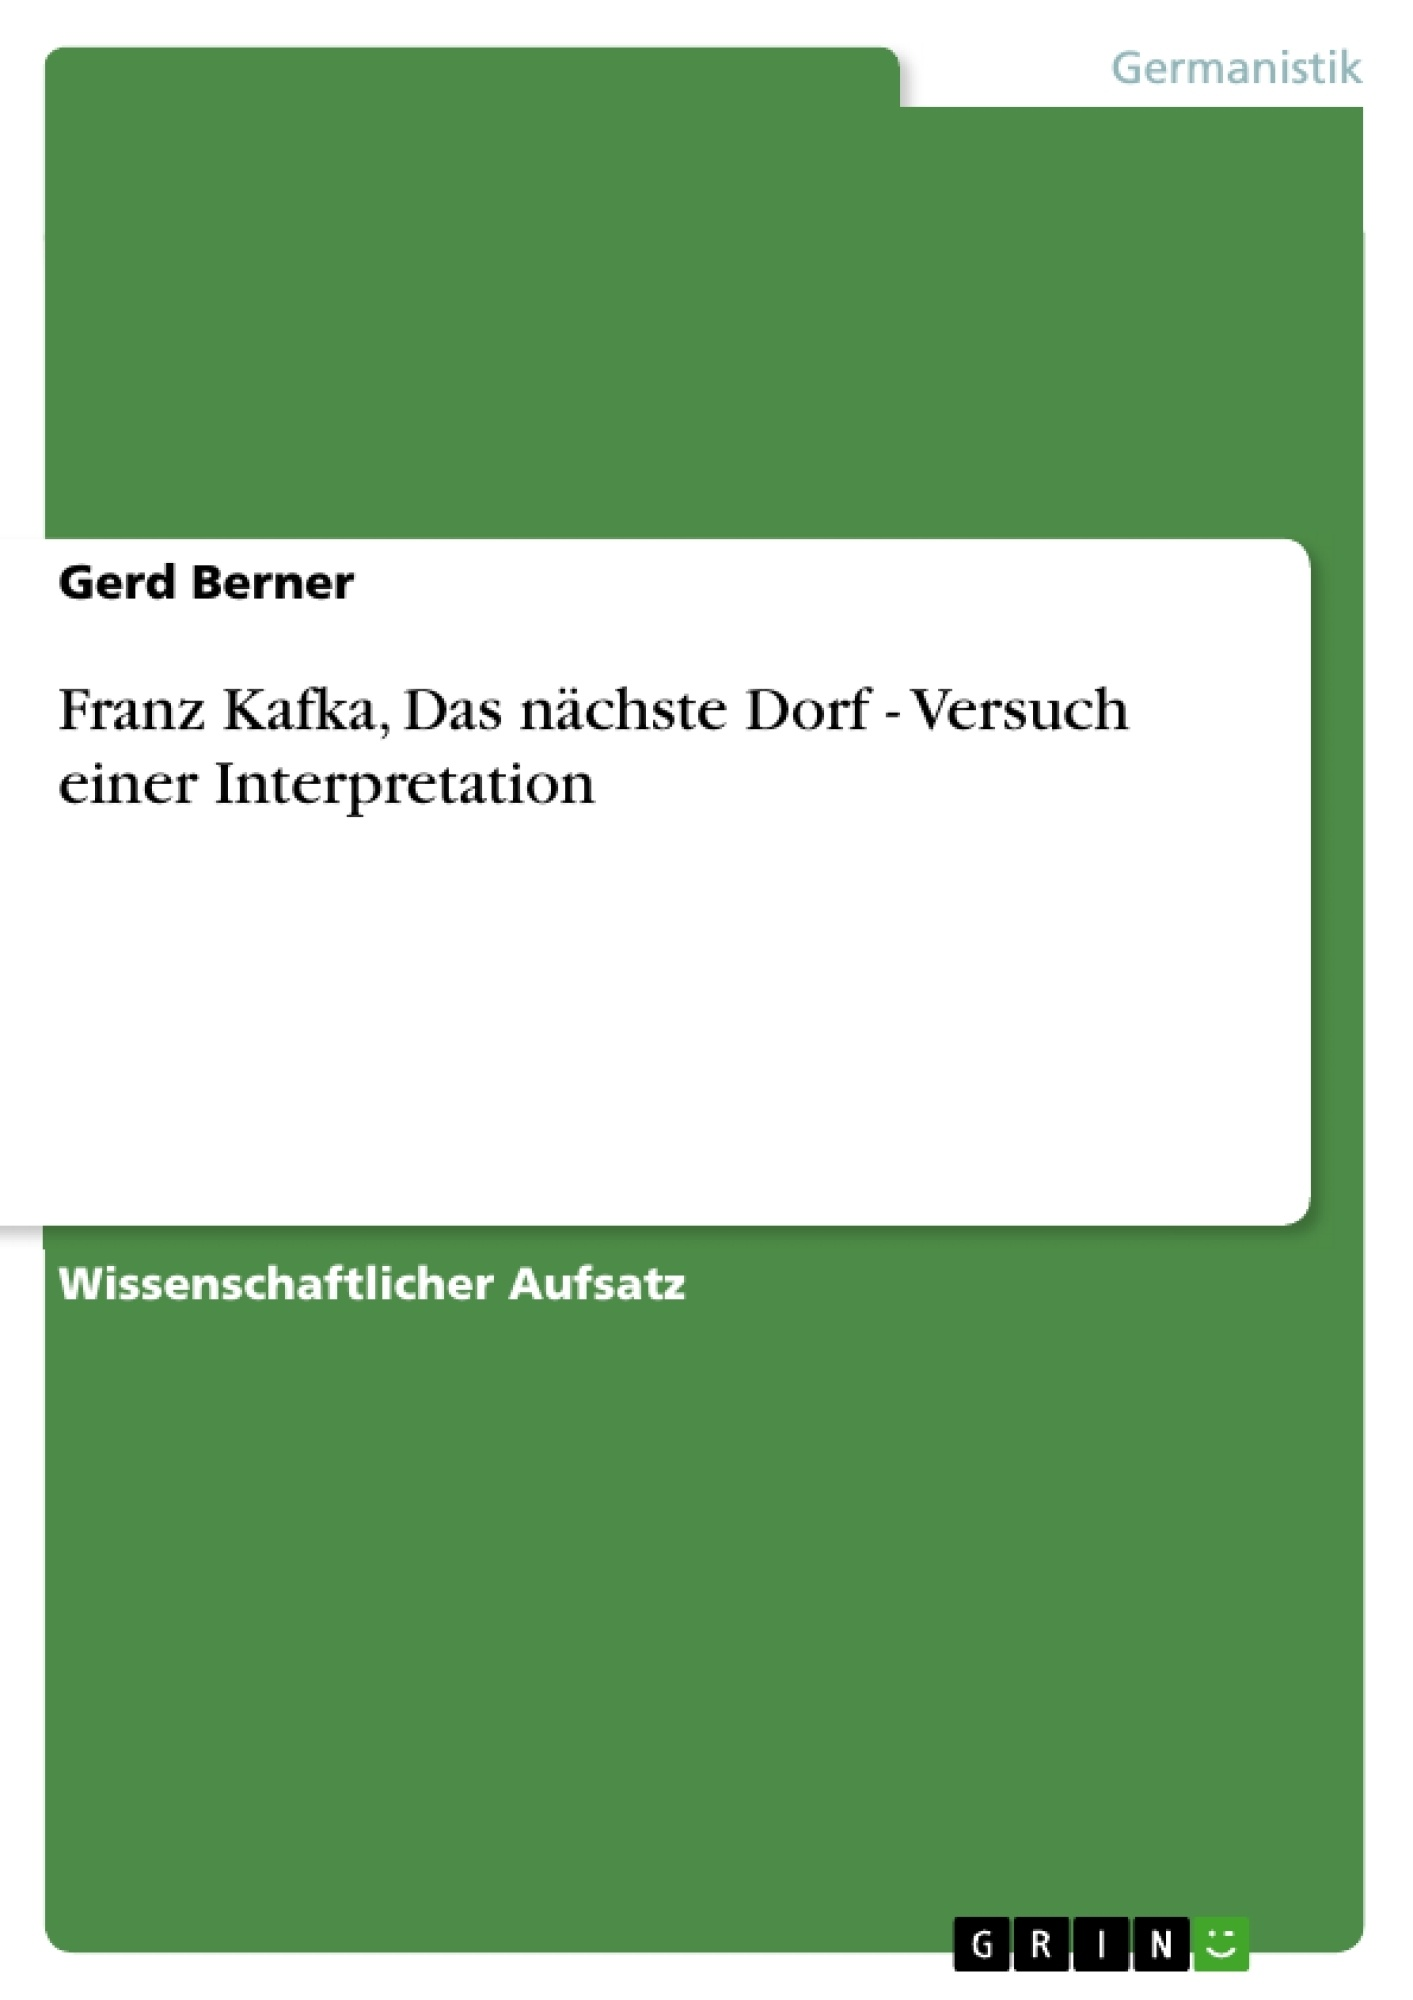 Titel: Franz Kafka, Das nächste Dorf - Versuch einer Interpretation